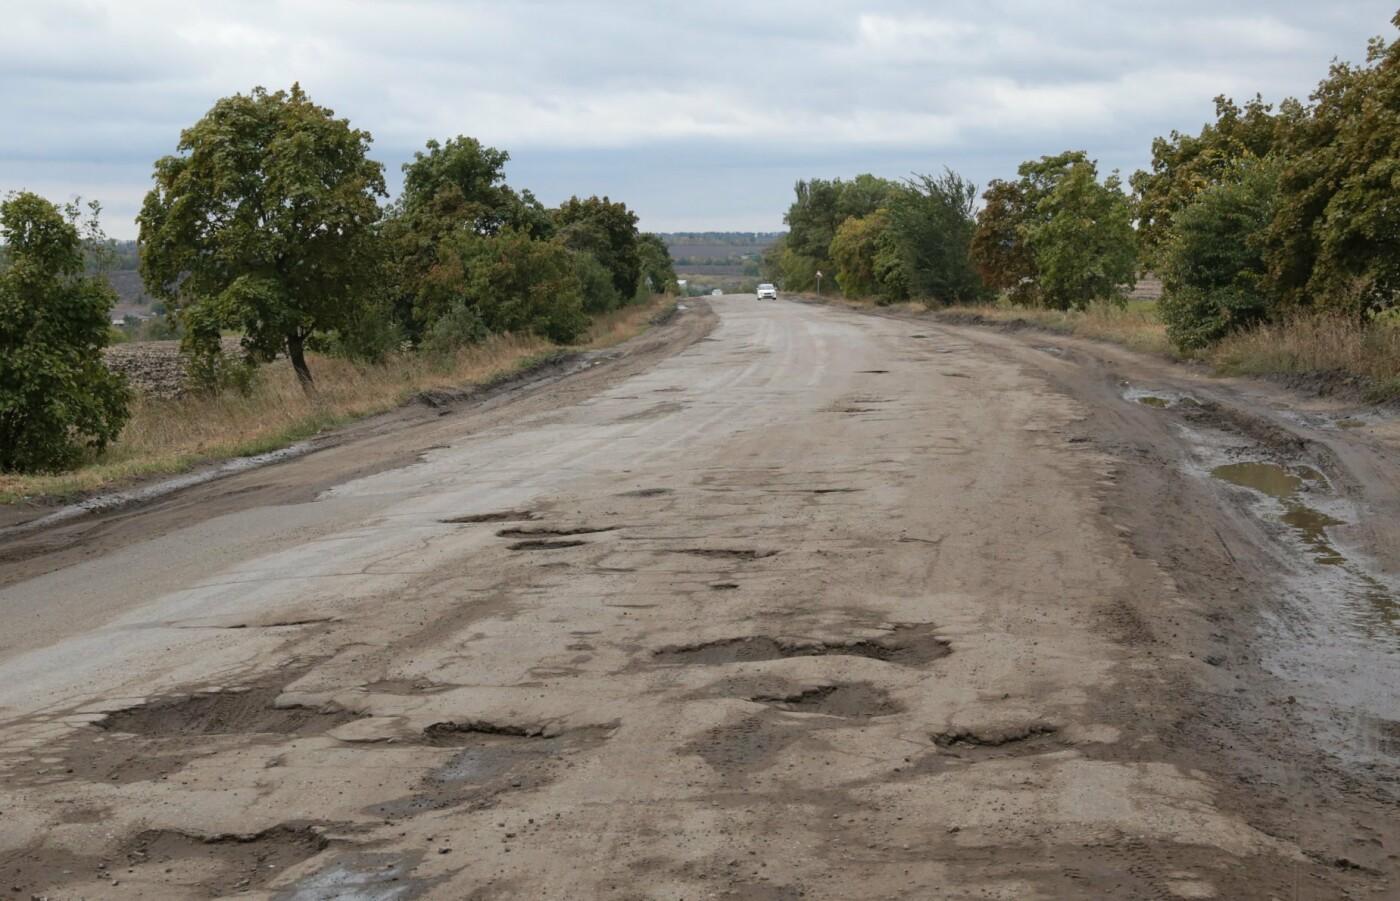 На Луганщине больше не будут «закатывать миллионы в асфальт»:  Комарницкий лично проверил ремонт дорог, фото-1